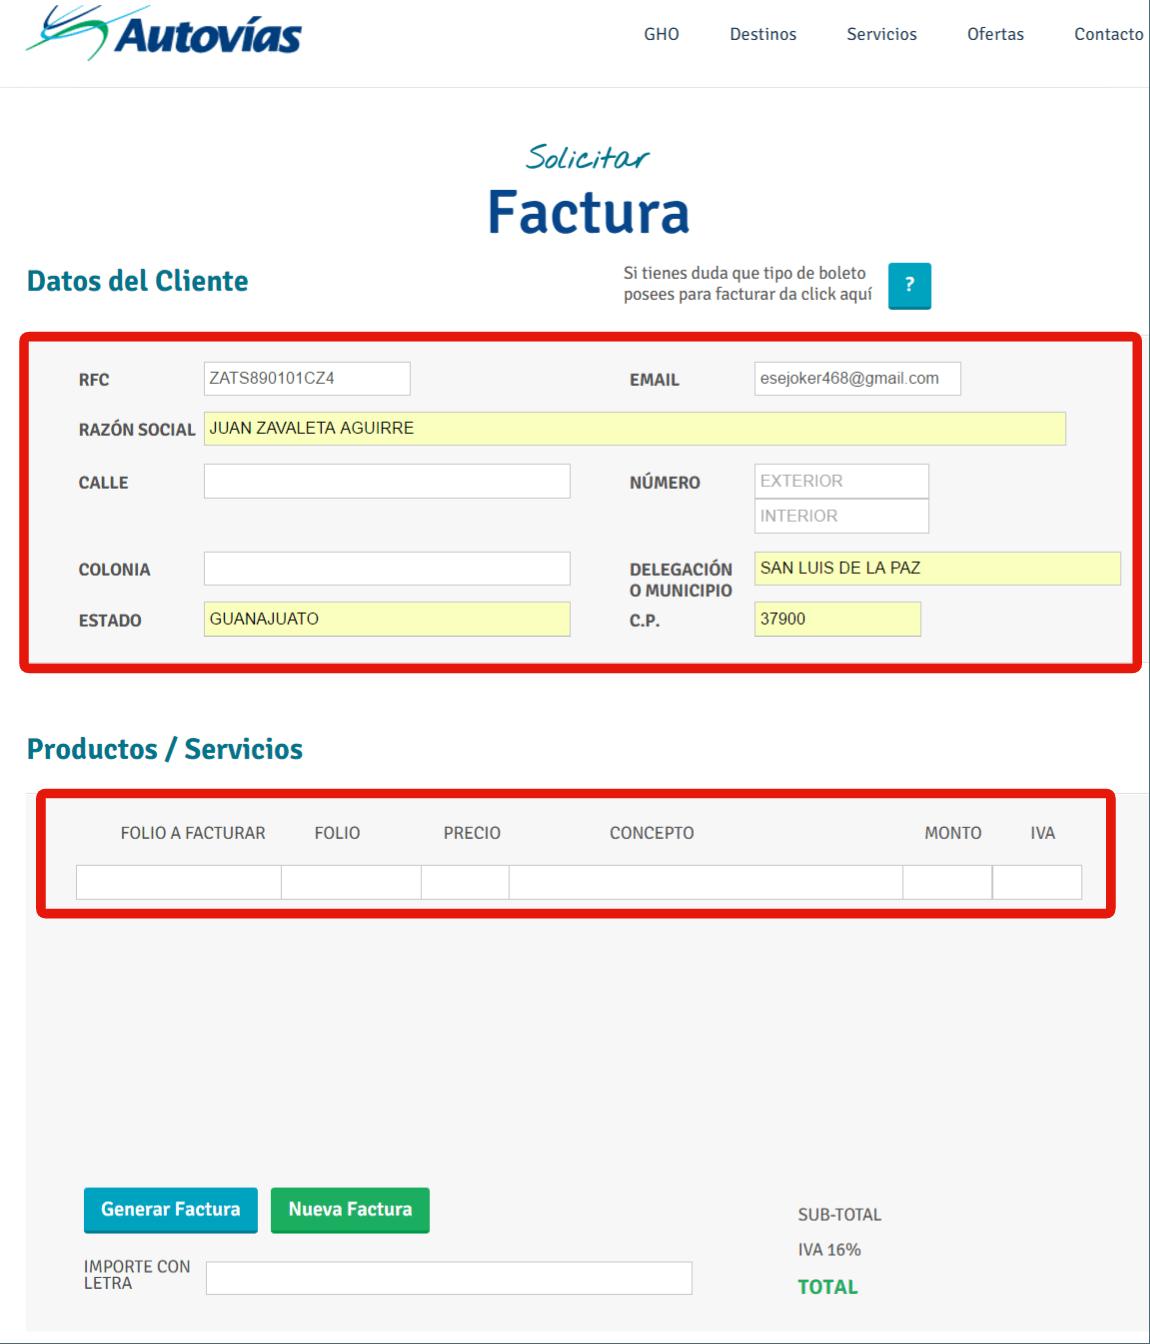 informacion fiscal para facturacion autovias